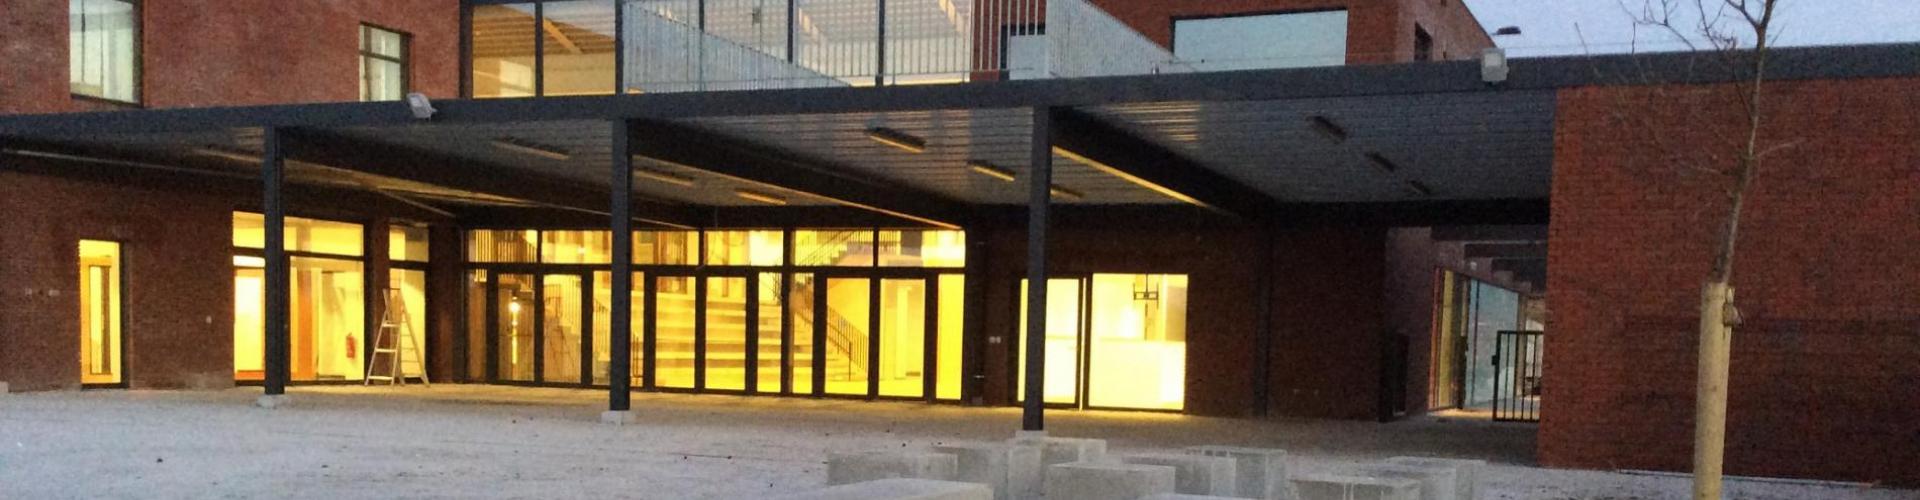 GVBS Wildenburg, Wingene